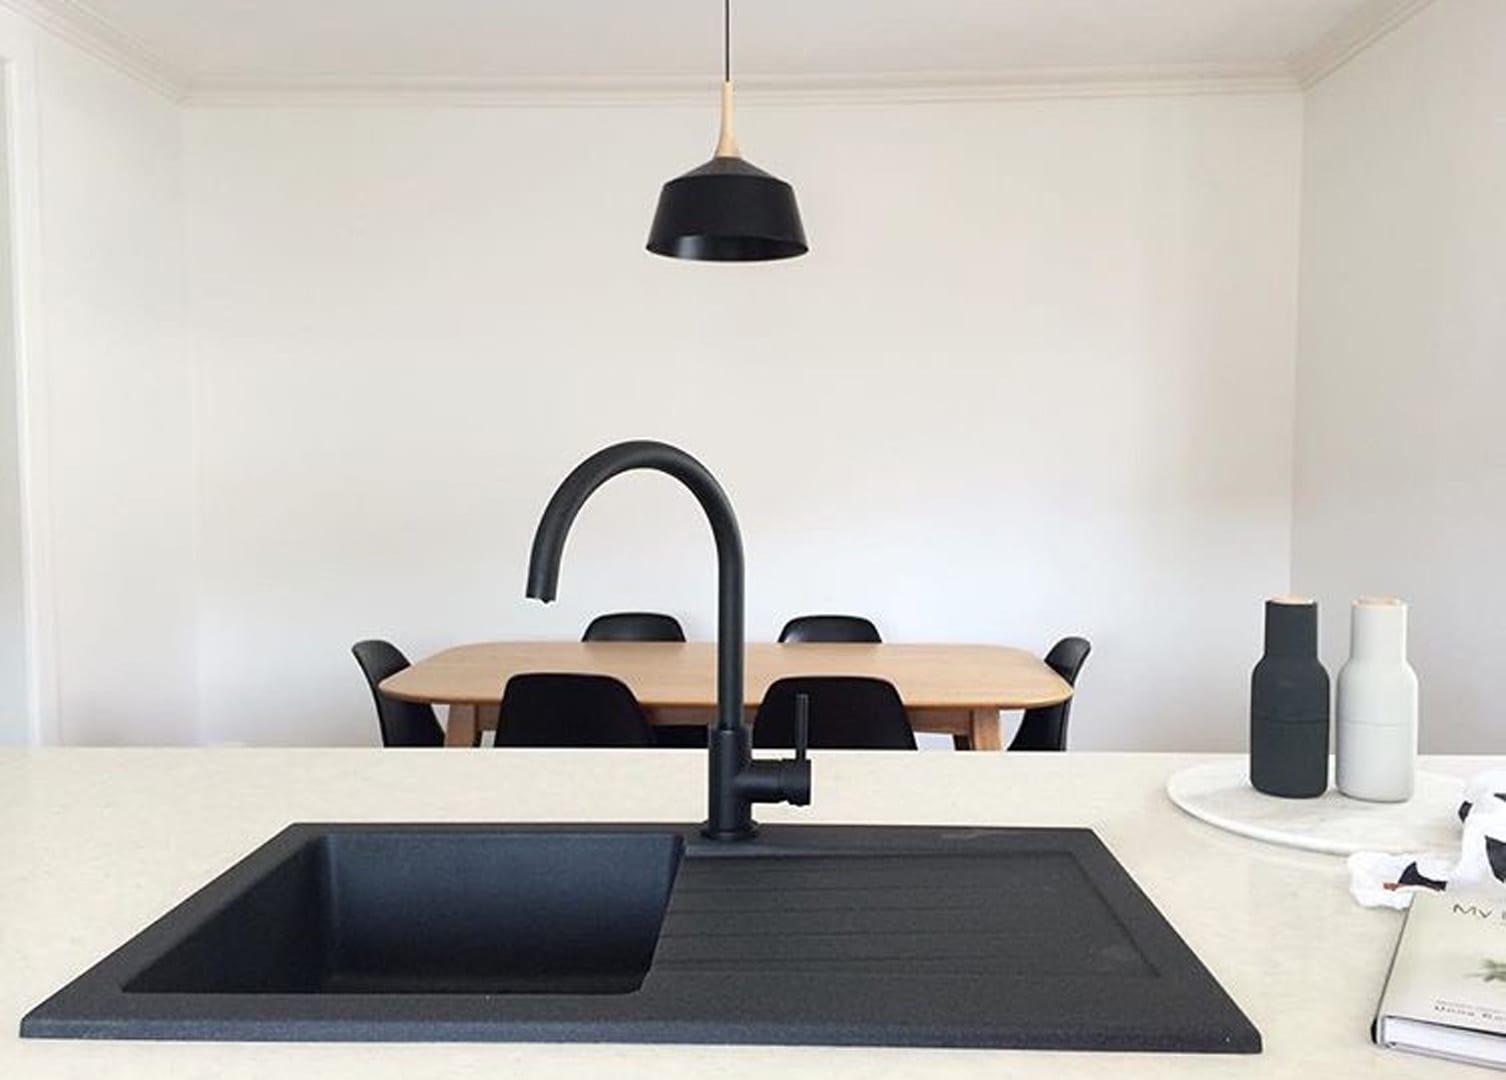 Zwarte Kit Keuken : Mat zwart meir keuken wastafelmengkraan